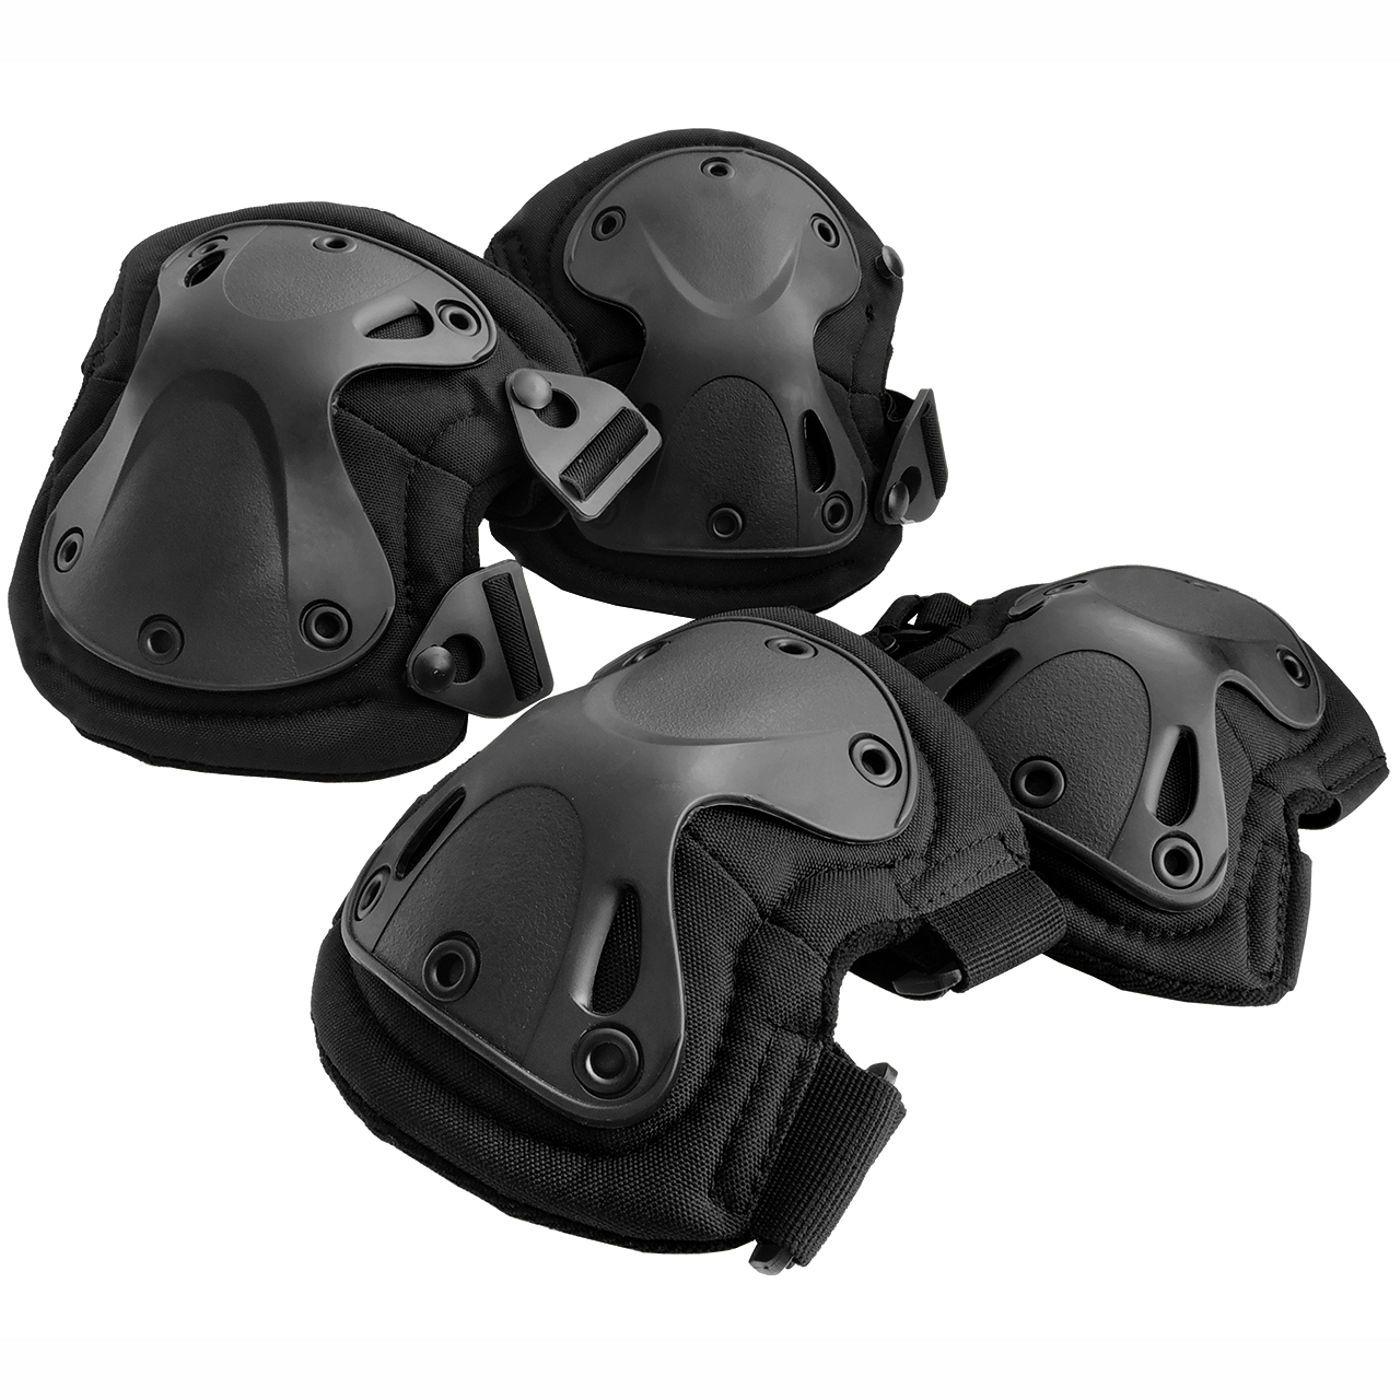 Kit Joelheira e Cotoveleira Tática Black para Airsoft - Emerson Gear